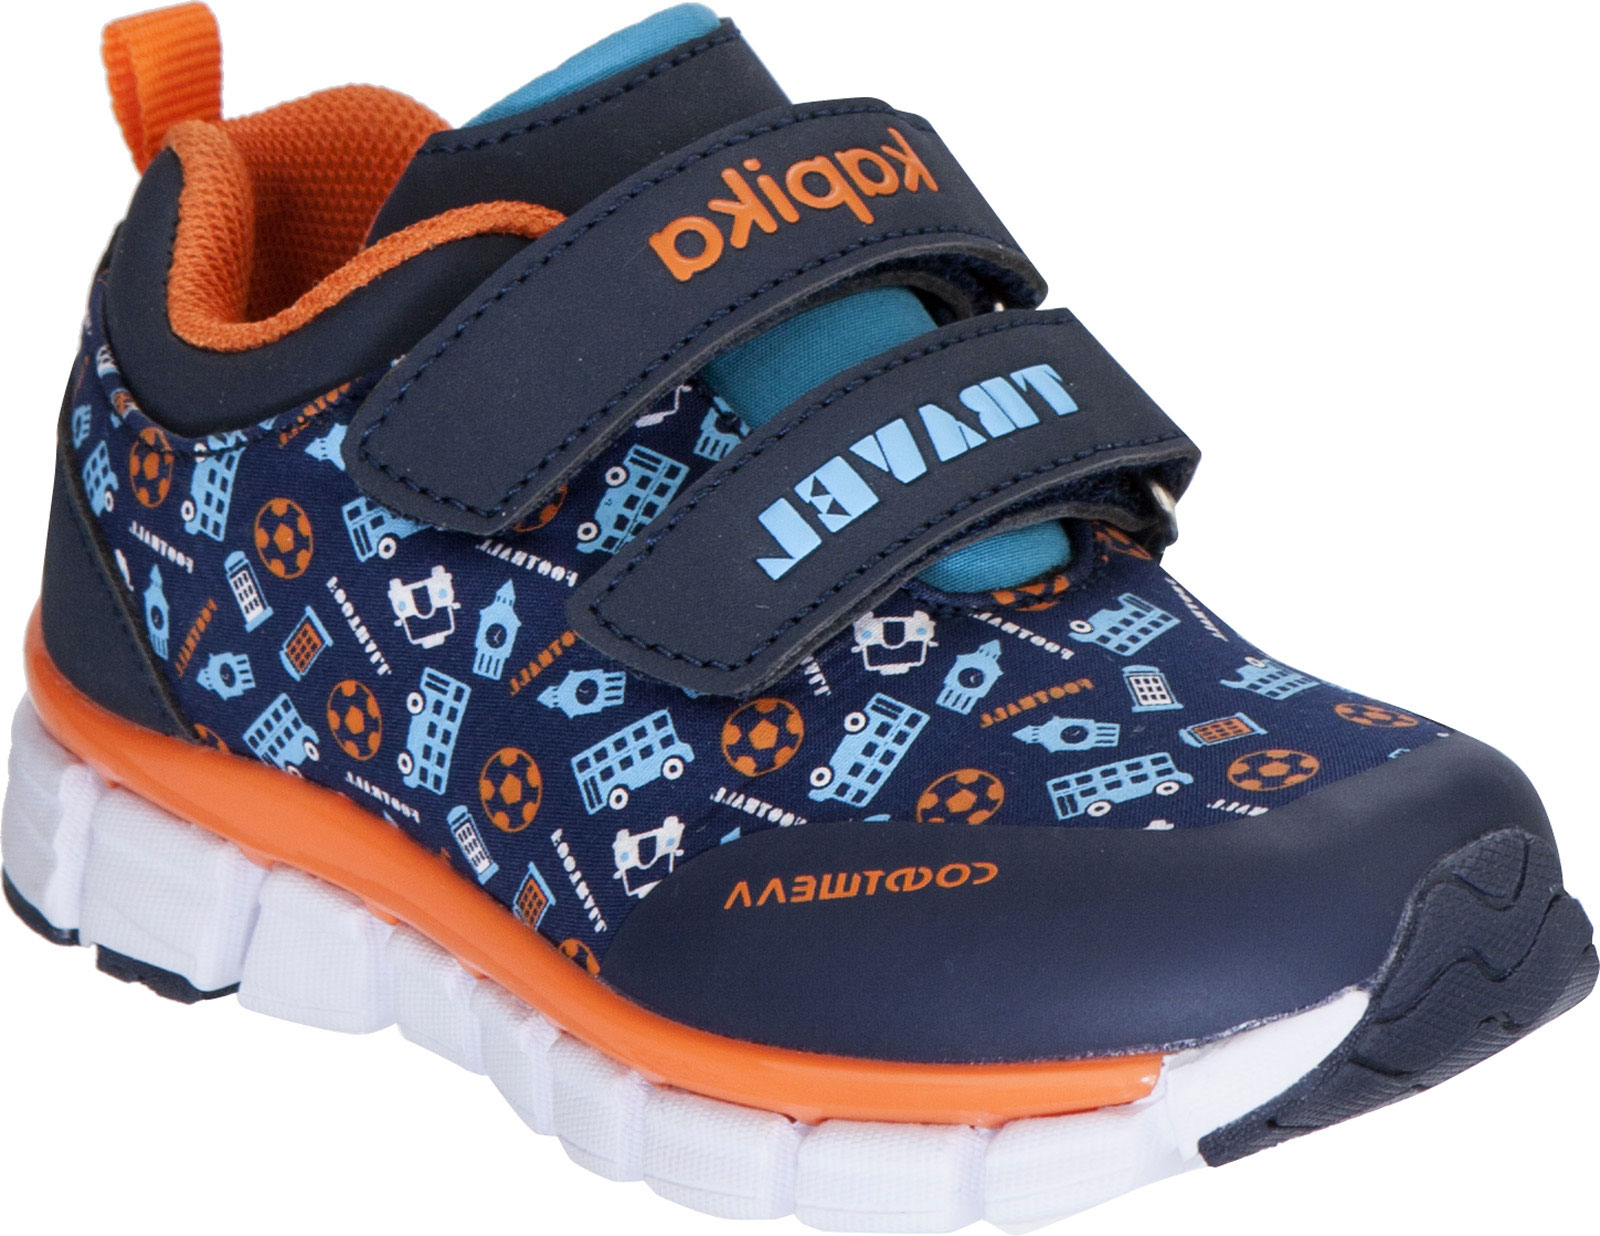 Кроссовки для мальчика Kapika, цвет: темно-синий, оранжевый. 71094. Размер 2371094Кроссовки от Kapika займут достойное место в гардеробе вашего ребенка! Модель изготовлена из текстиля и искусственной кожи. Хлястики на липучках, обеспечивают надежную фиксацию обуви на ноге. Внутренняя поверхность из текстиля, обеспечивает комфорт и предотвращает натирание. Стелька из текстиля сохраняет комфортный микроклимат в обуви. Рифленая поверхность подошвы защищает изделие от скольжения. Стильные и в то же время удобные кроссовки - необходимая вещь в гардеробе каждого ребенка.